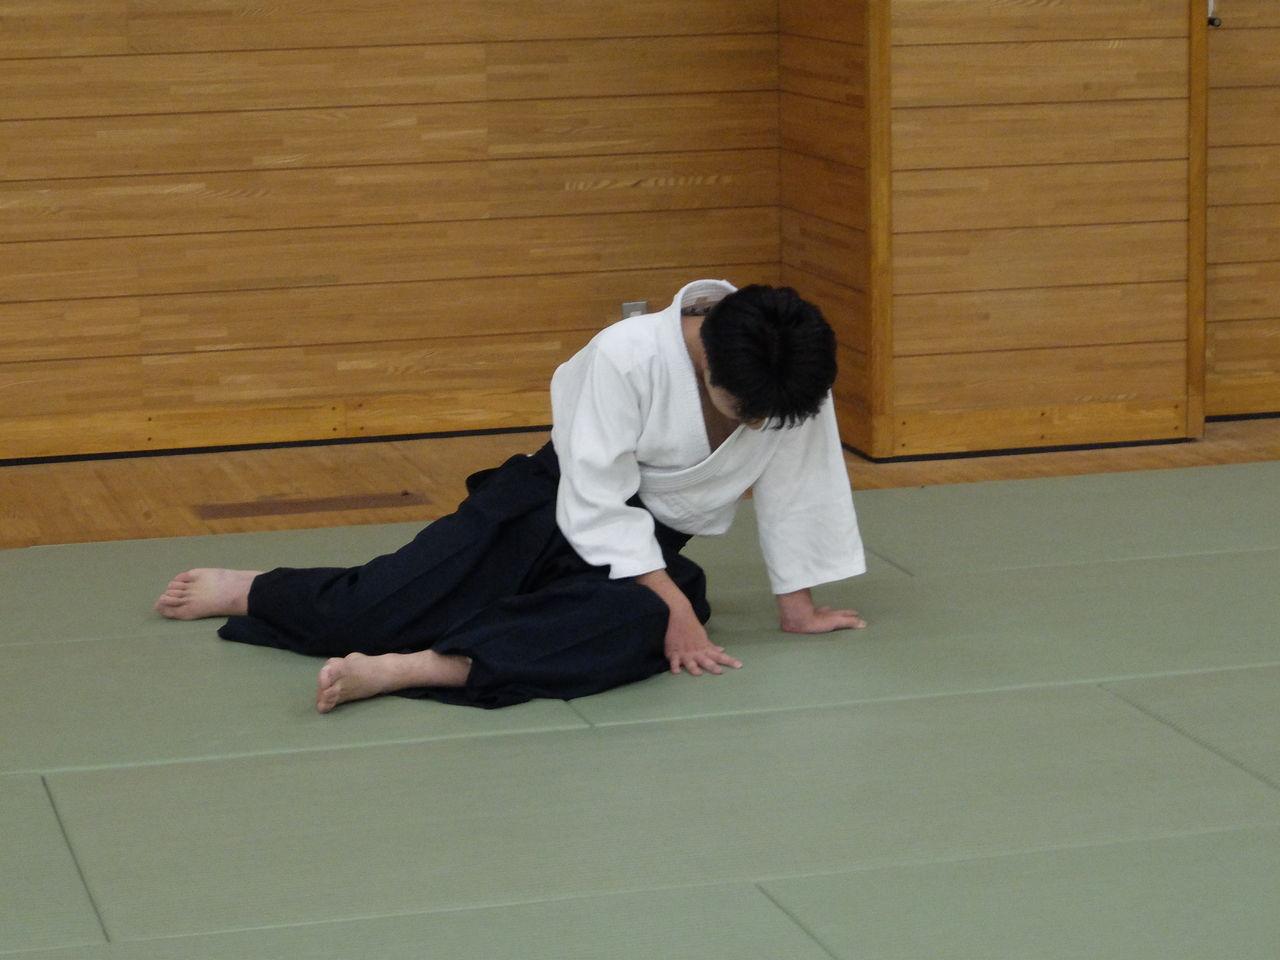 宮崎大學合気道部:昇級審査が近づいています。